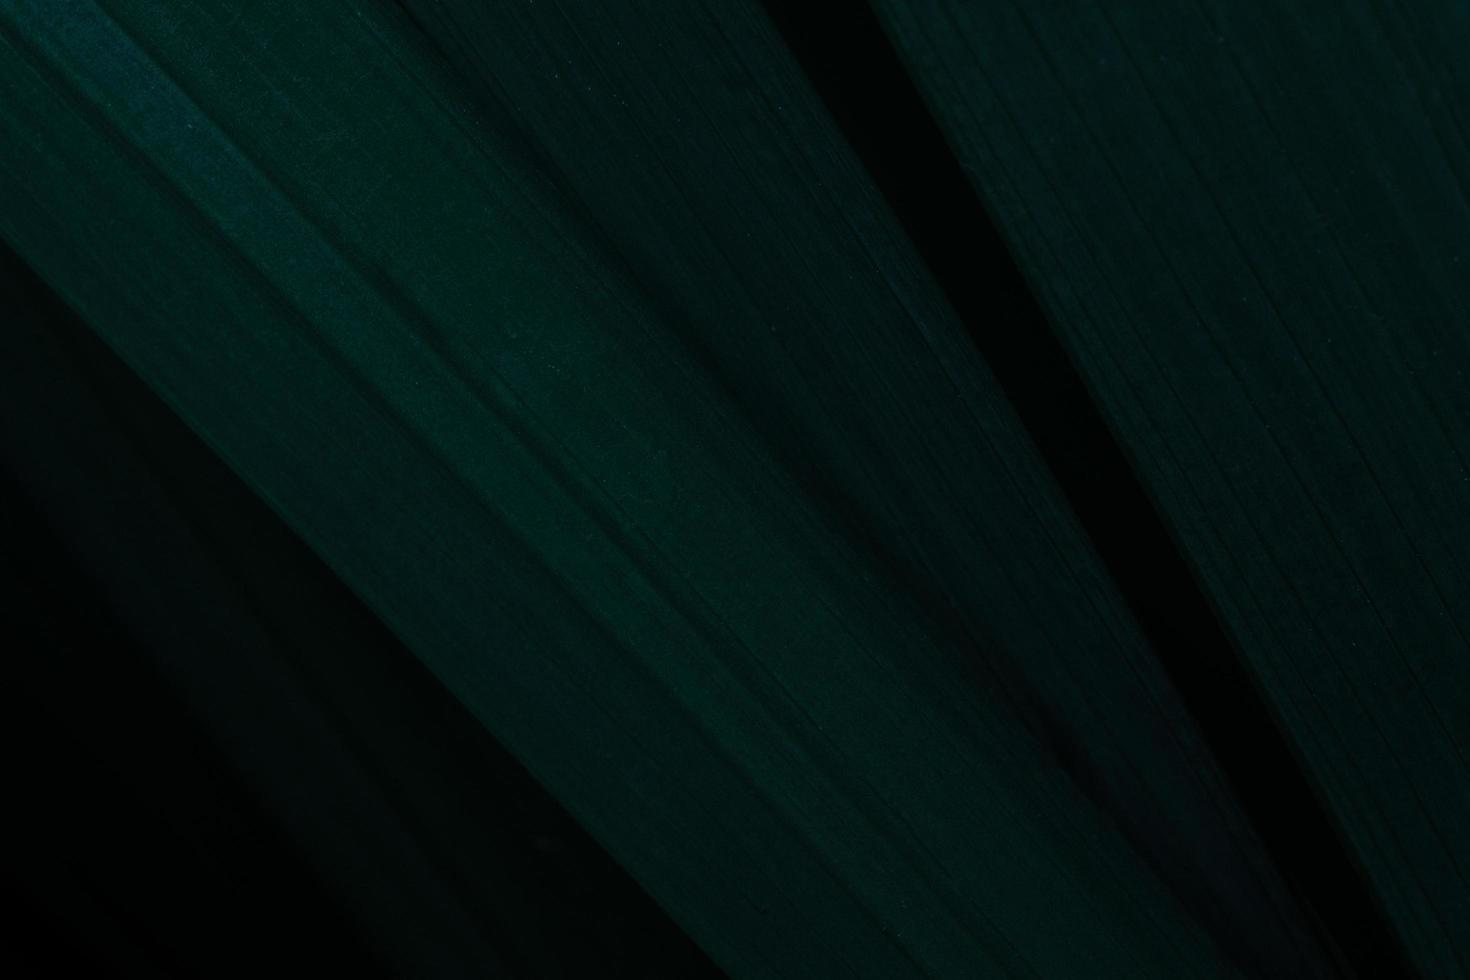 groene bladeren, donkere achtergrond foto